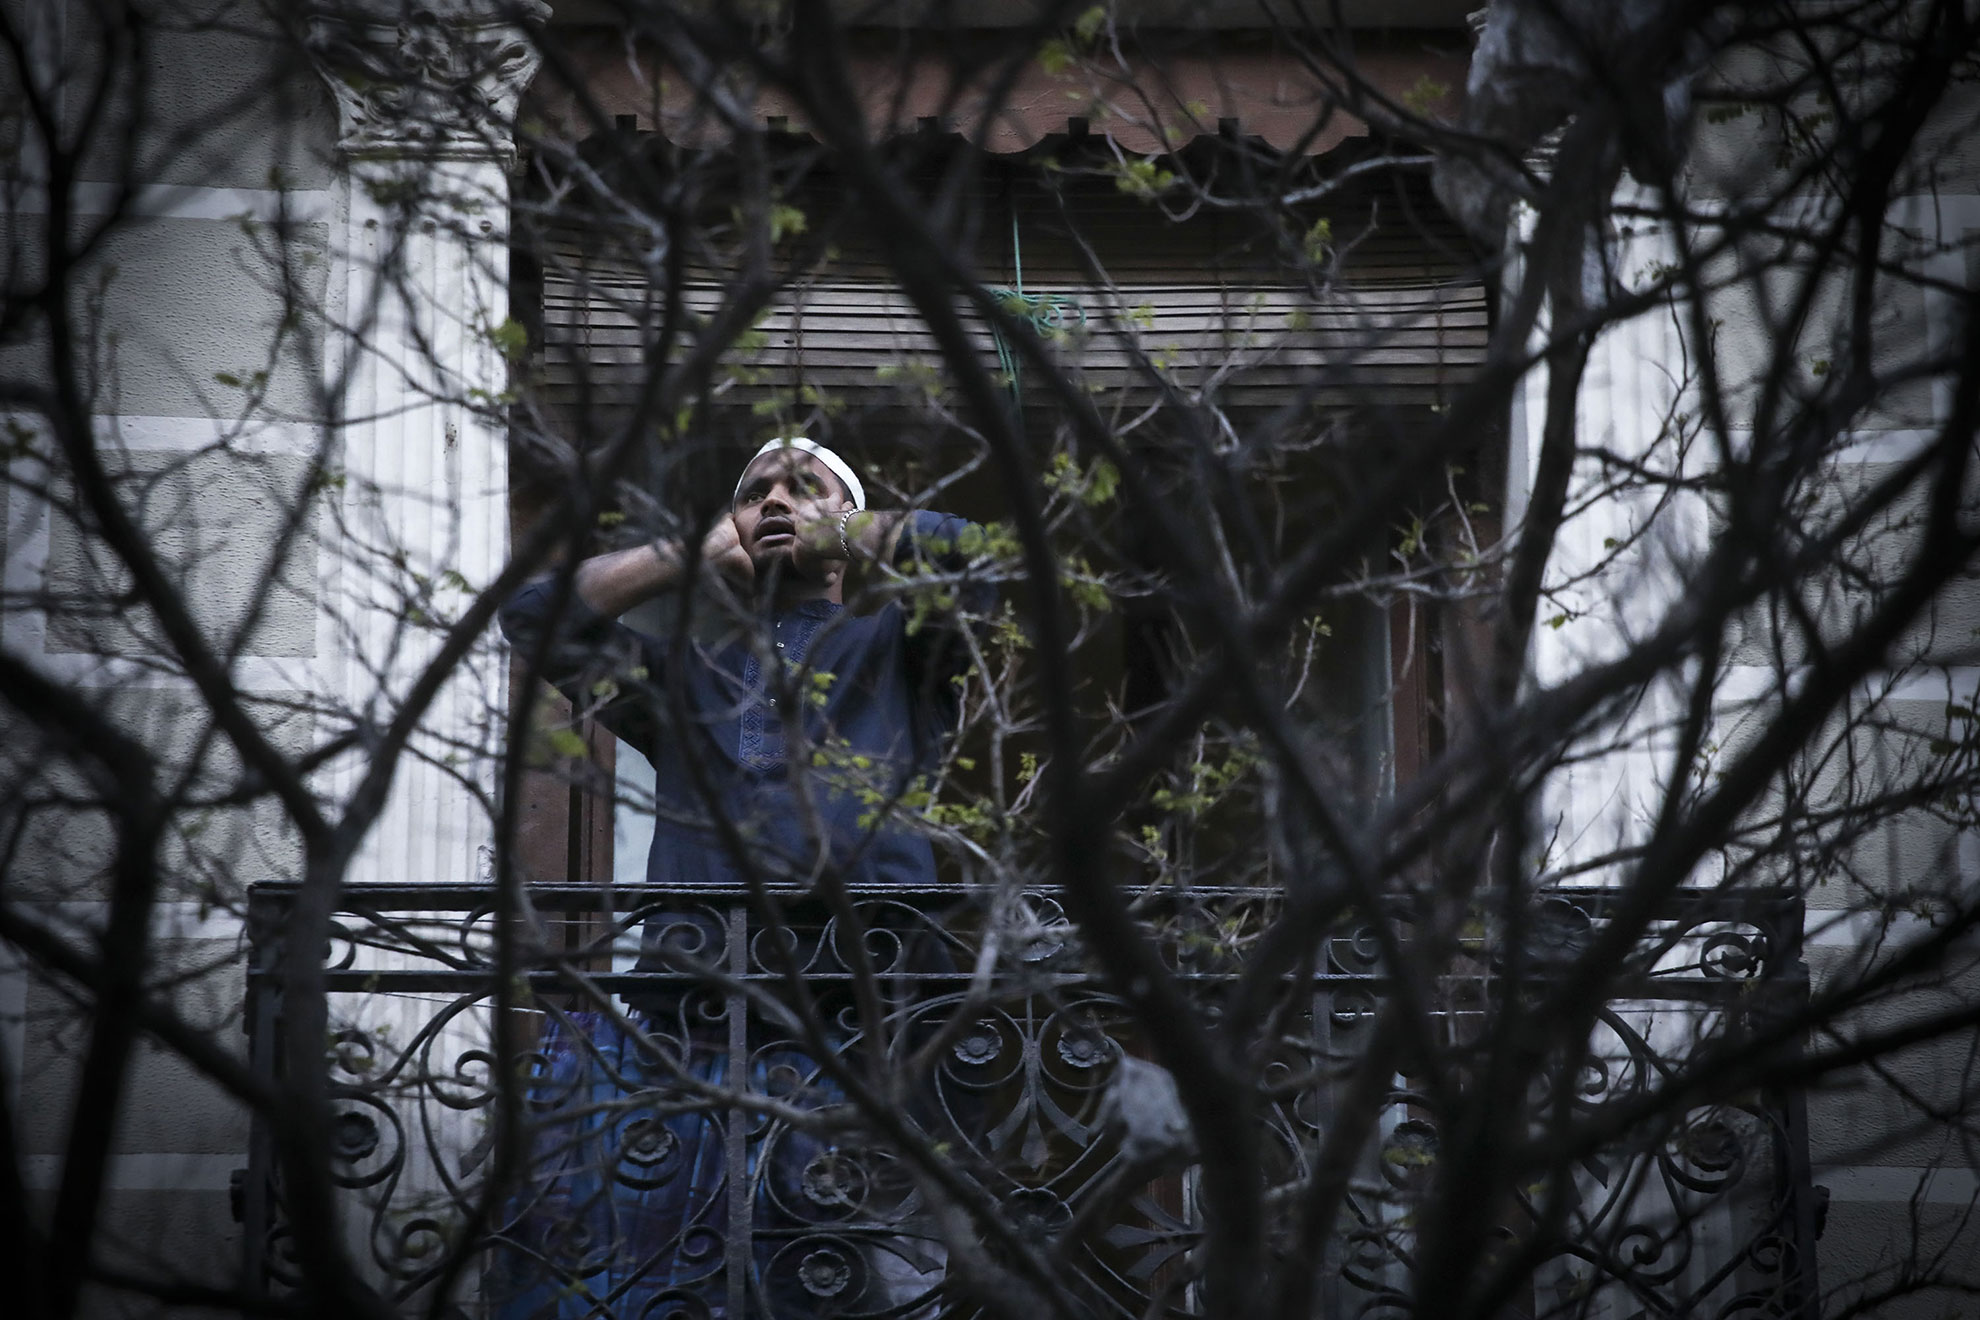 """Cada tarde, al caer el sol, una parte de los balcones de Lavapiés se llena de aplausos en forma de plegarias. Son los rezos de la comunidad islámica, que desde el pasado 20 de Marzo se asoma a la calle para rendir su propio homenaje a todos los que están luchando contra el Covid-19. Este barrio es uno de los que cuenta con mas mezquitas en Madrid, un total de seis. Y desde una de estas mezquitas, la que esta situada en la calle Magdalena, se ha instado a los fieles a salir a sus balcones o ventanas en la llamada a la última oración del día, porque """" las muestras de afecto y reconocimiento no tienen bandera, ni religión, ni cultura"""" Además proponen el hashtag #JuntosSaldremos to send strength and energy also through the networks."""